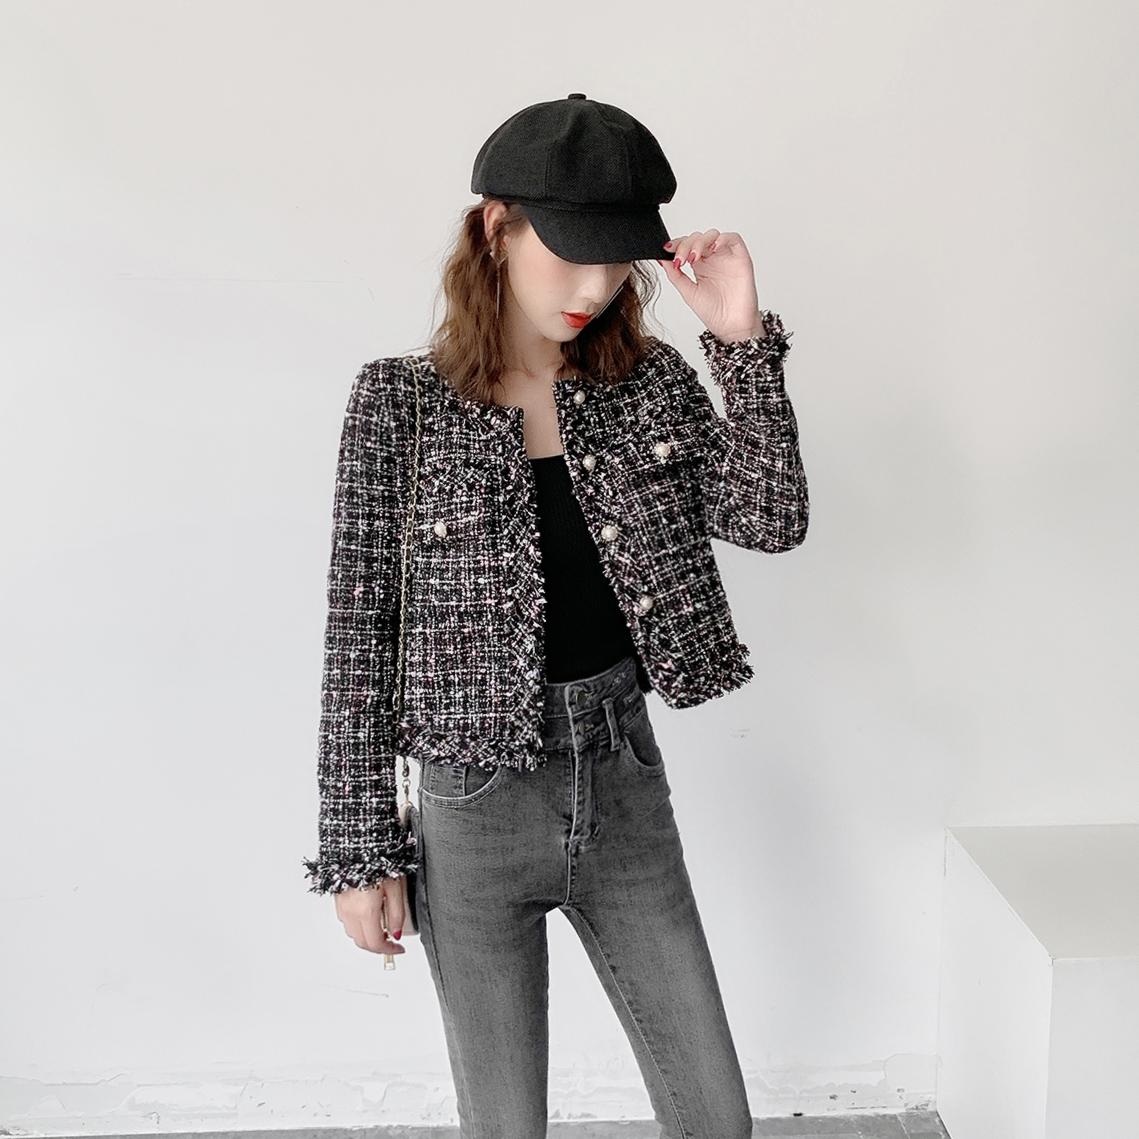 2019春秋装新款小香风外套粗花呢格子黑色小西装女短款上衣短外套需要用券